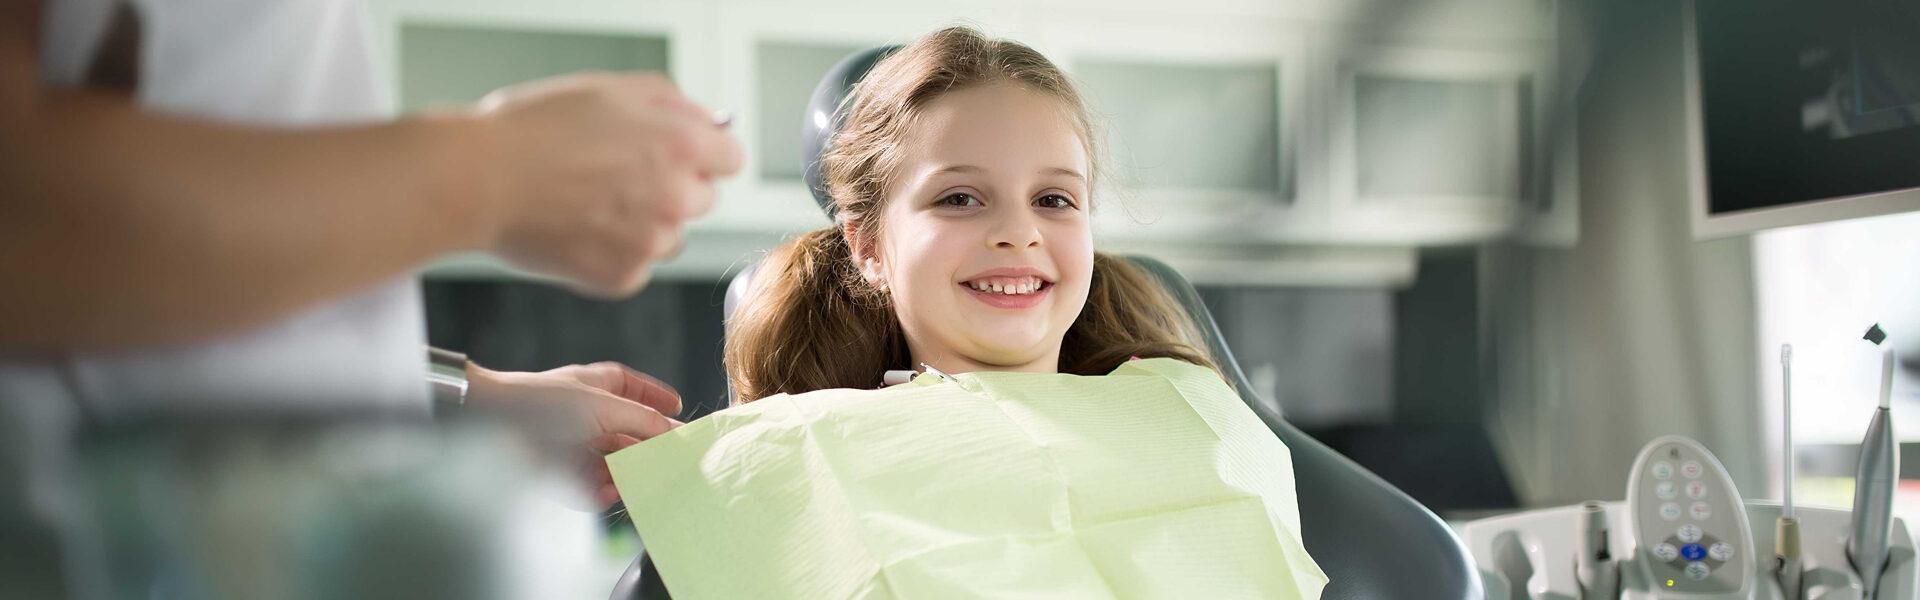 Dental Sealants in Detroit, MI